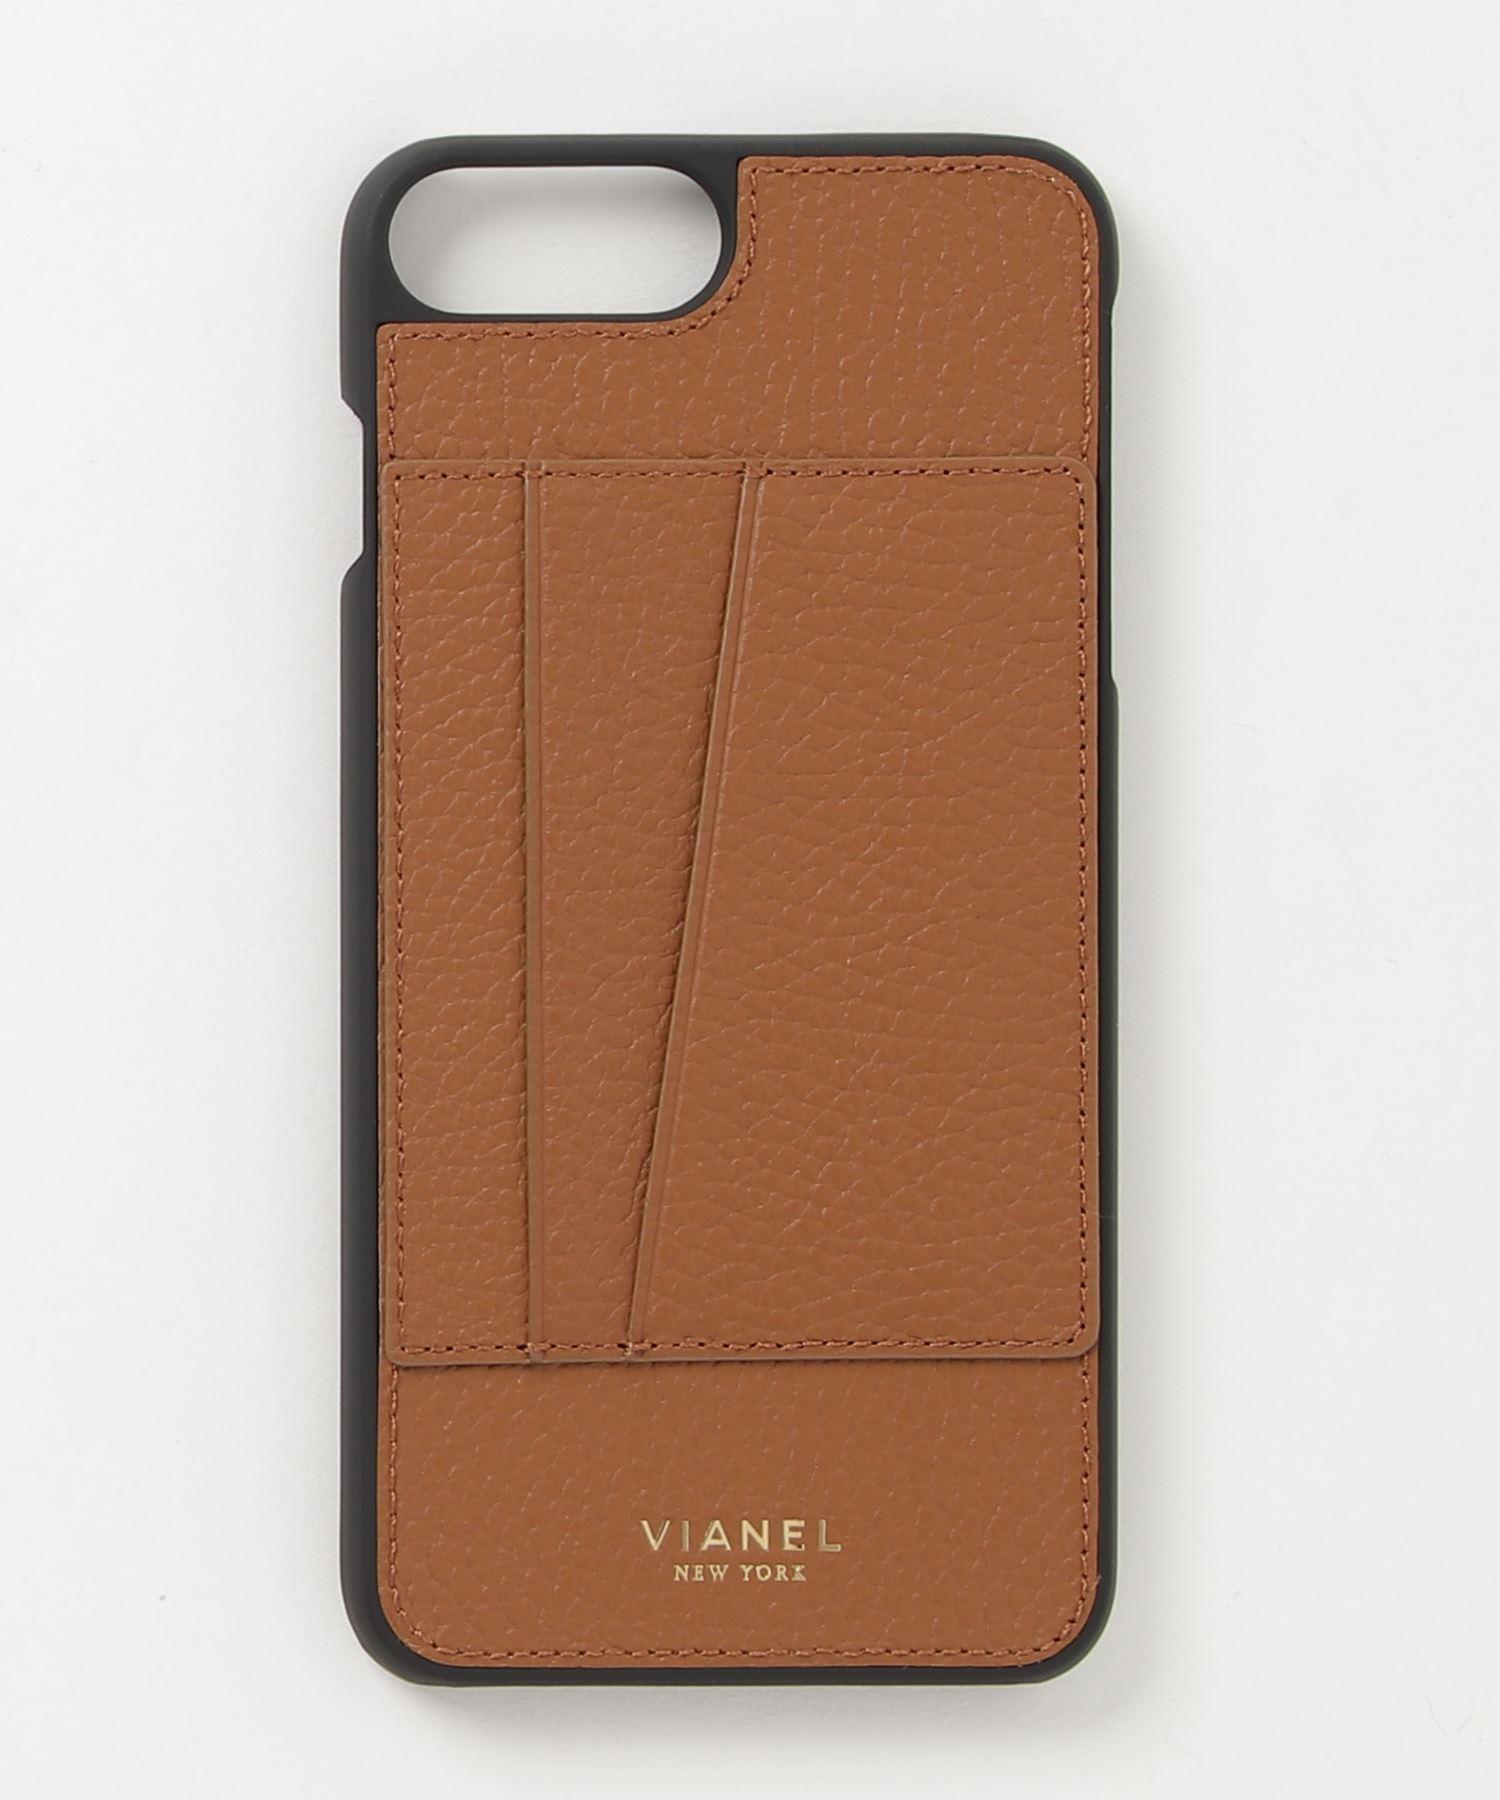 VIANEL NEW YORK Card Holder iPhone 8Plus/7Plus Plus Cases